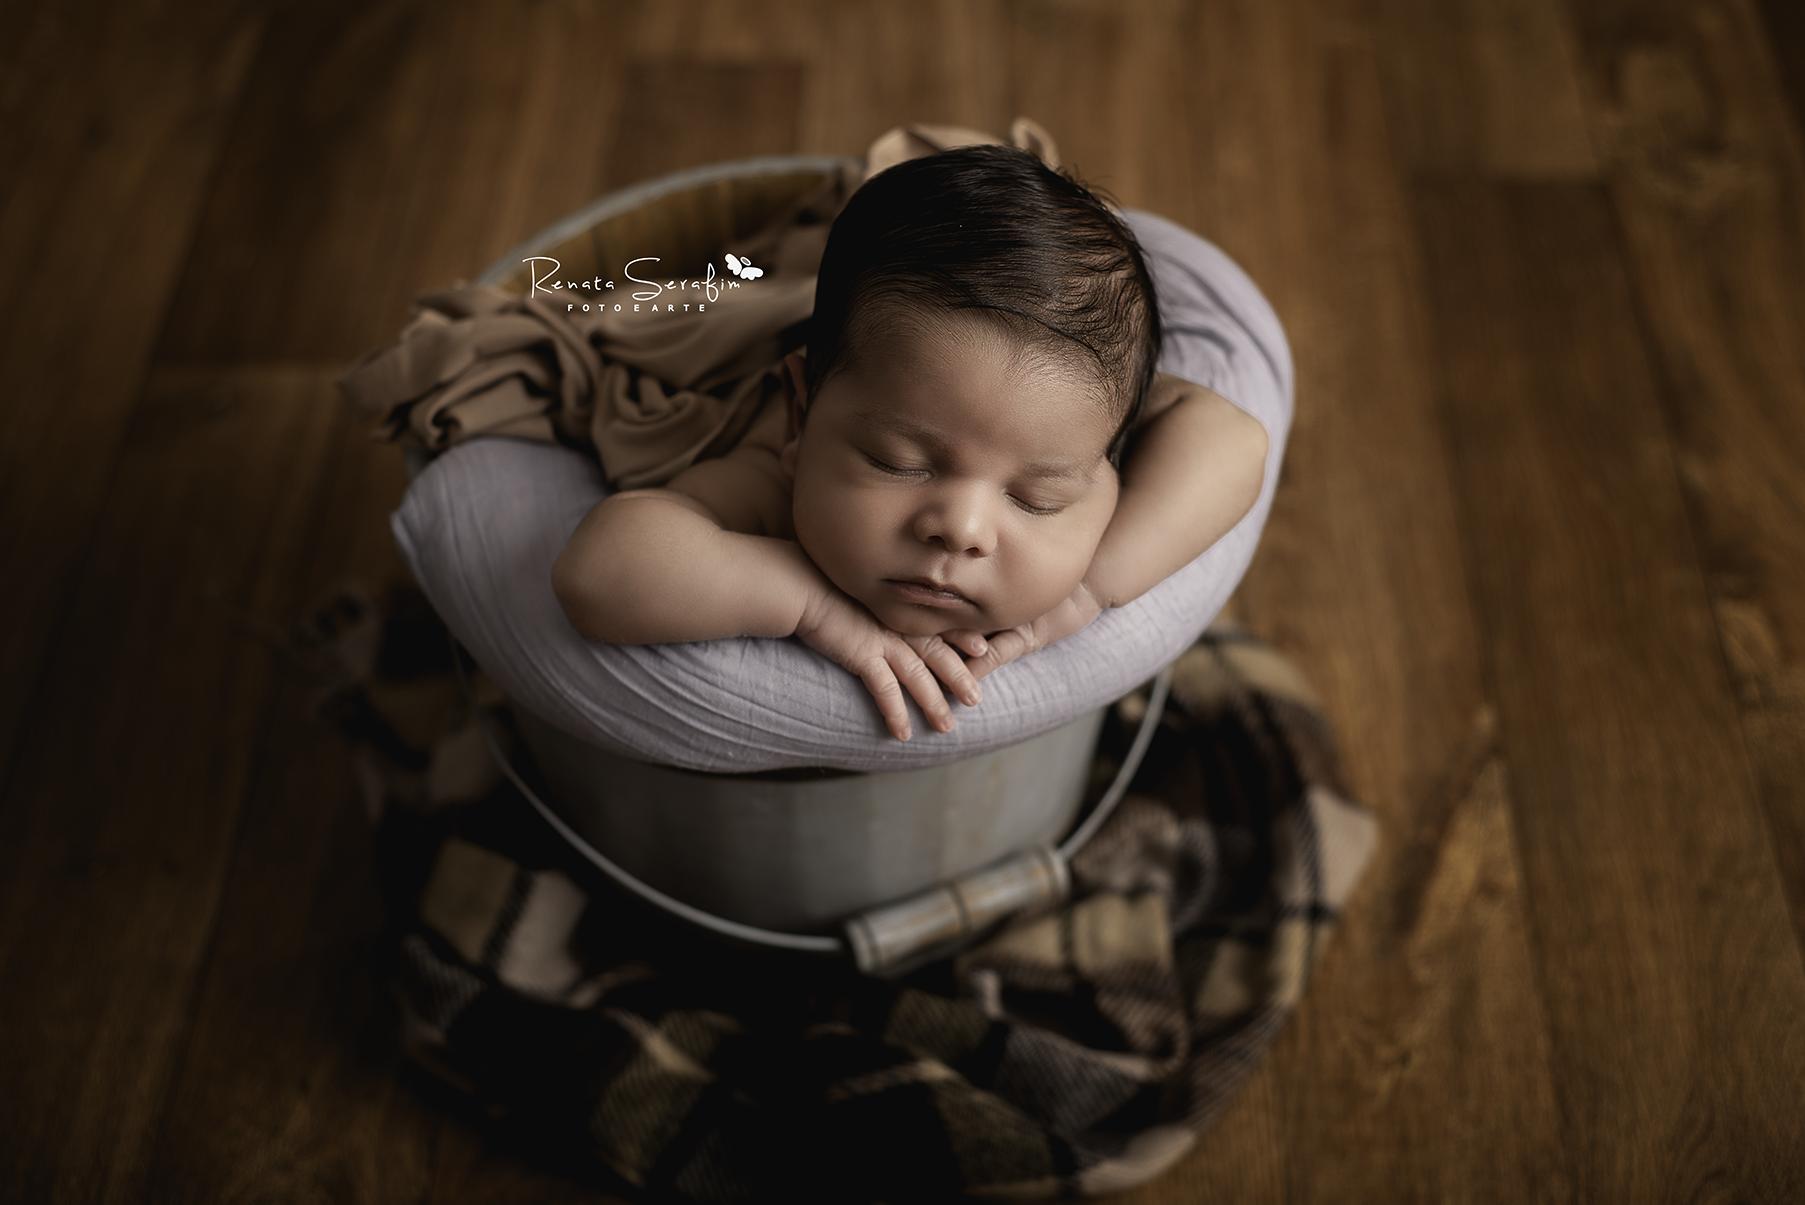 Contate Fotografia de Newborn (Recem nascidos) e bebês, família e festas em Jaú, Bauru e região - Renata Serafim